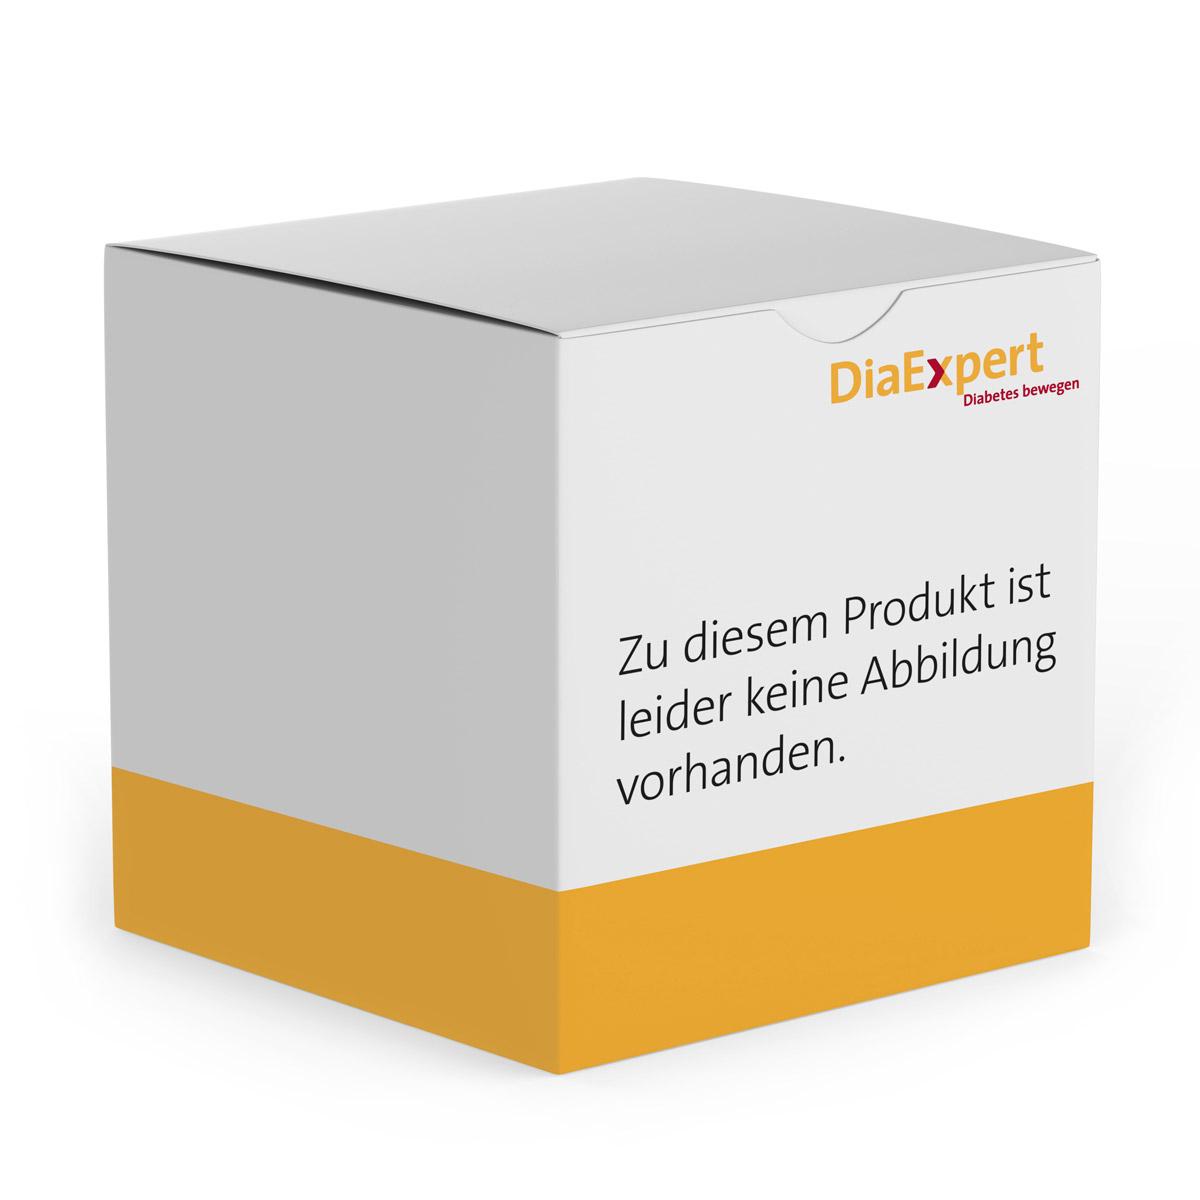 DiaExpert berät Sie umfassend zum Thema Insulinpumpe